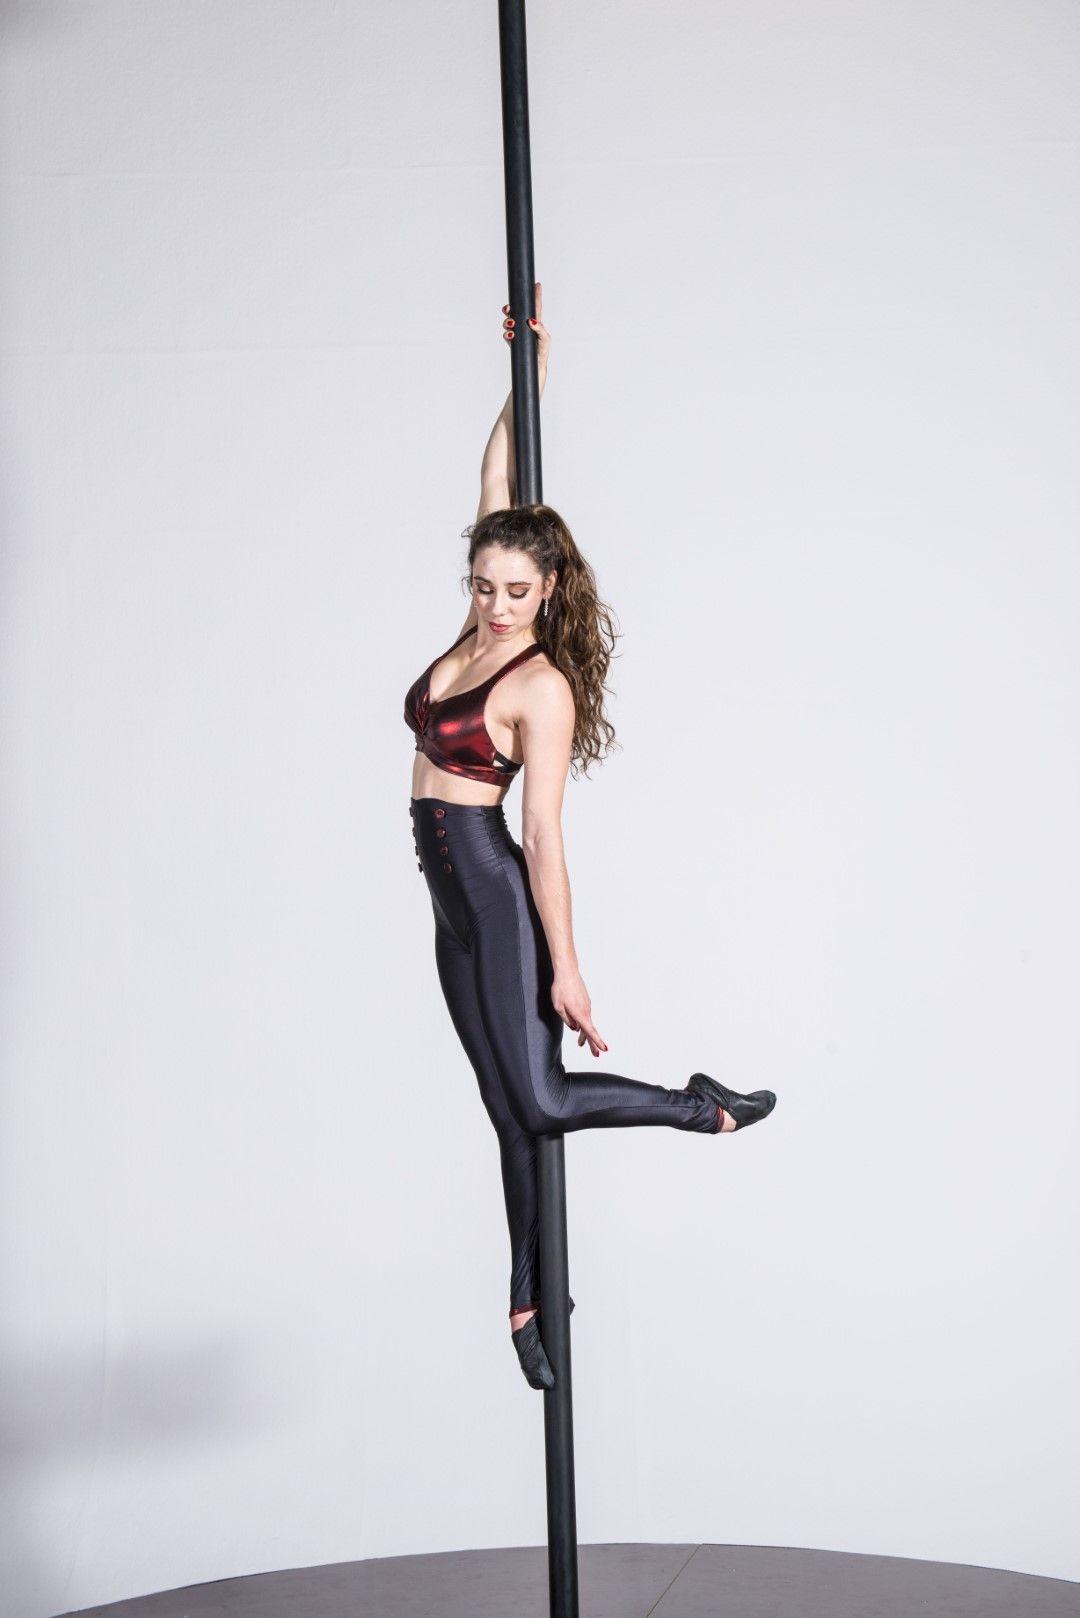 Sophia Drgala Mast